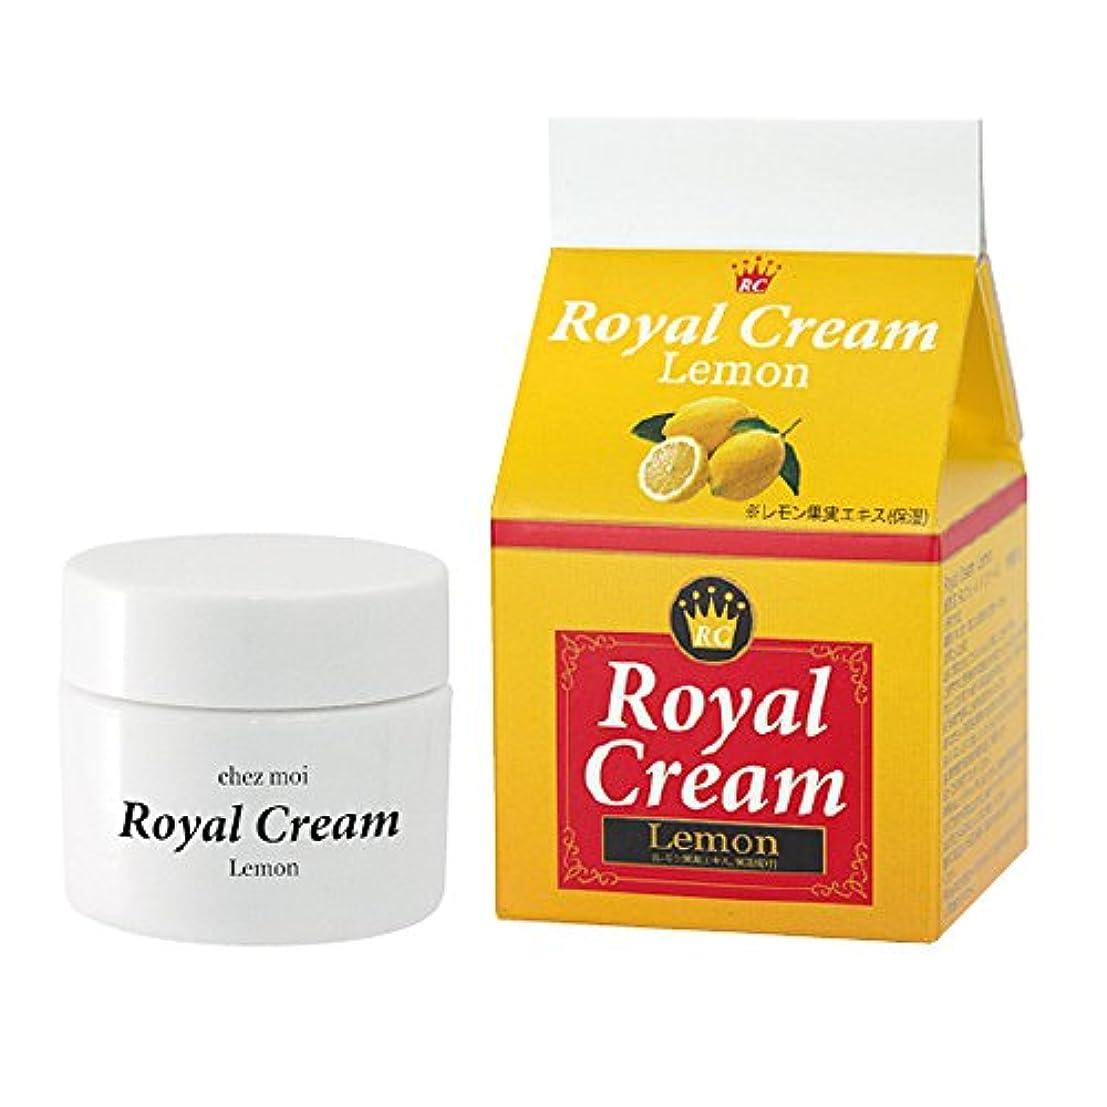 欺くカポック開いたシェモア Royal Cream Lemon(ロイヤルクリームレモン) 30g